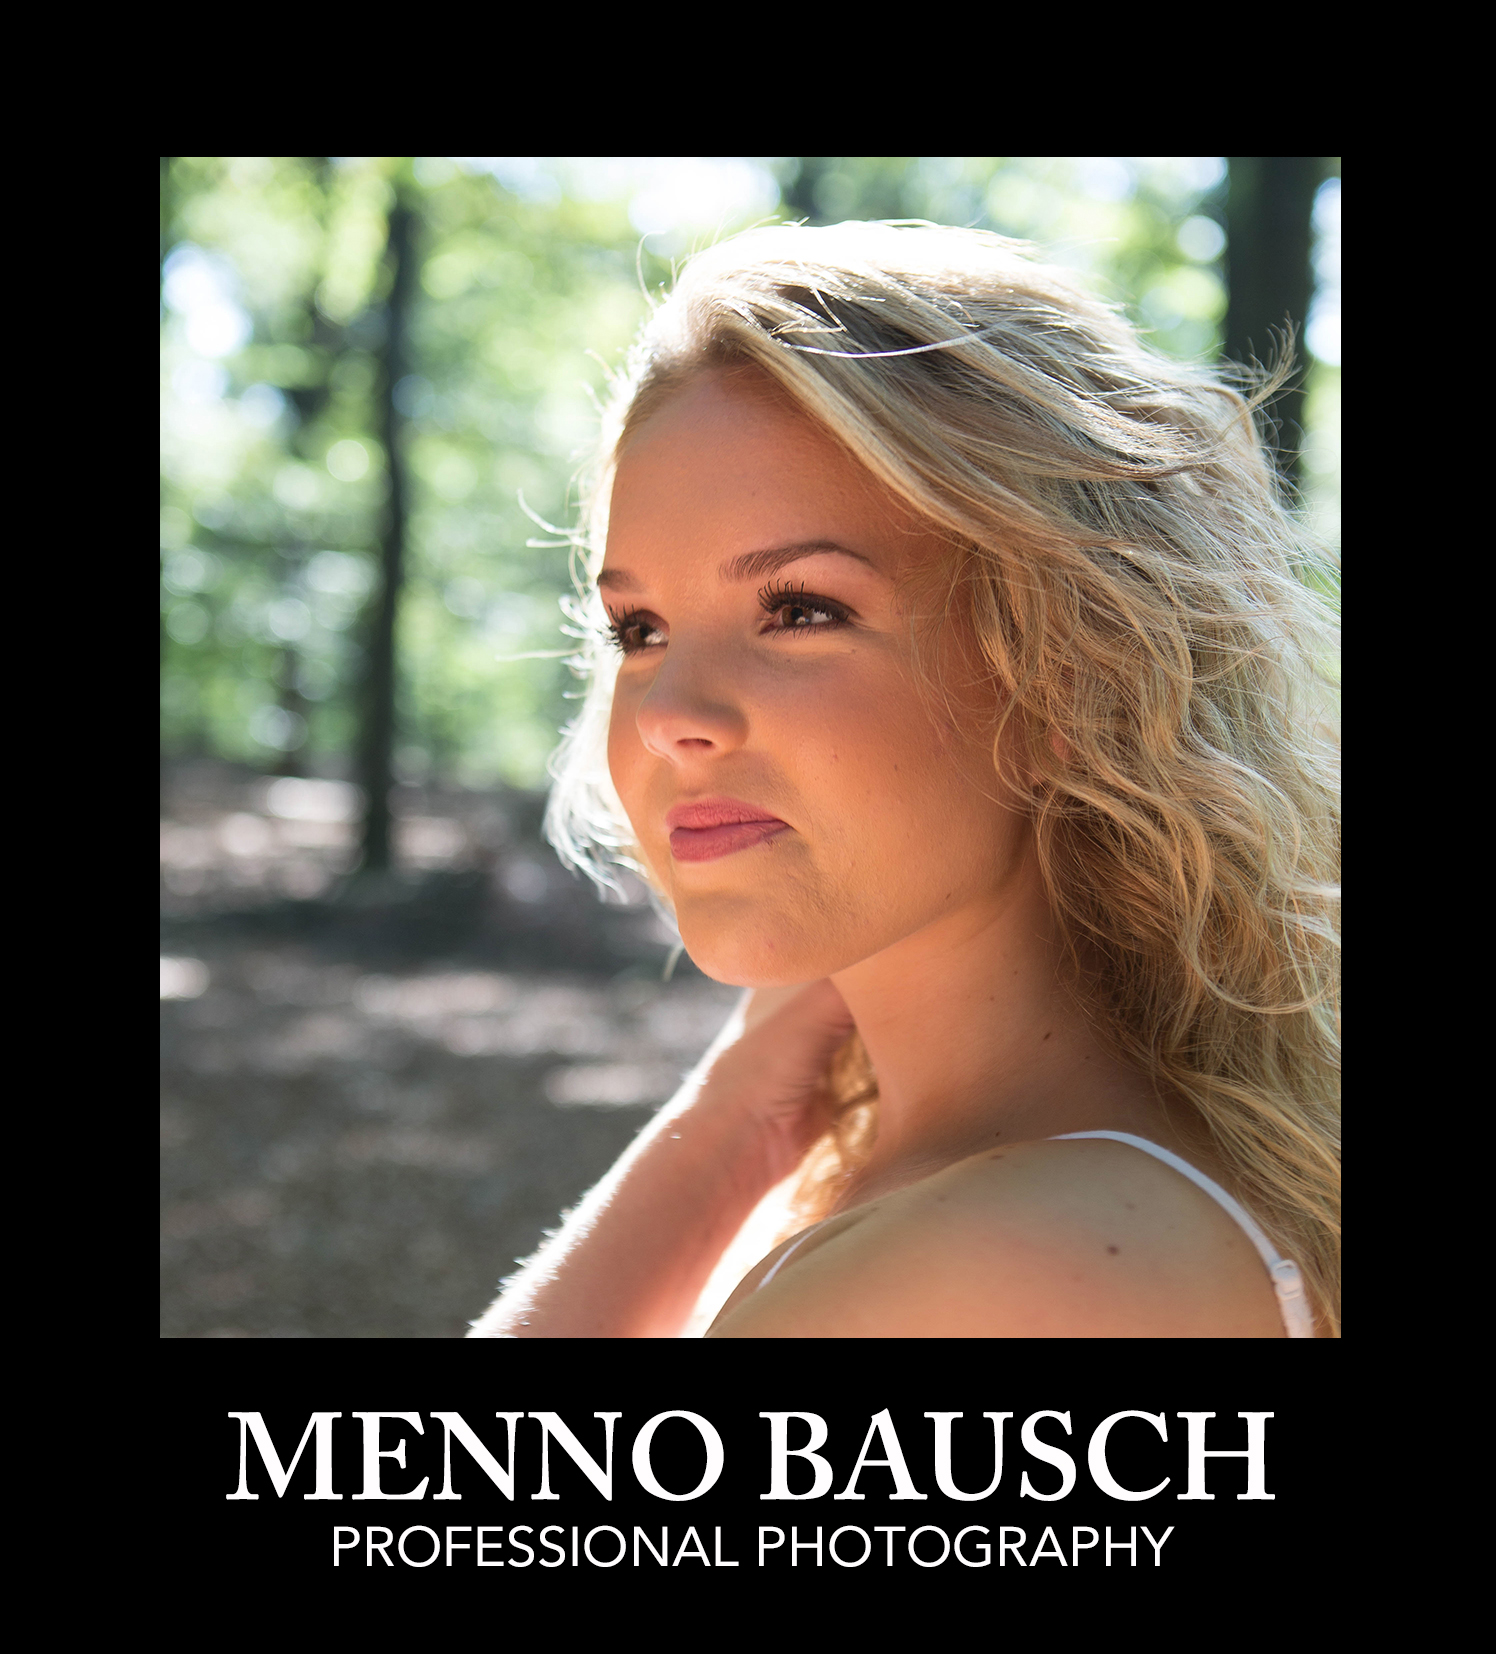 Voor deze foto geld in alle gevallen: Copyright Menno Bausch Fotografie Zeist. Deze foto mag niet zonder schriftelijke toestemming openbaar worden gemaakt.